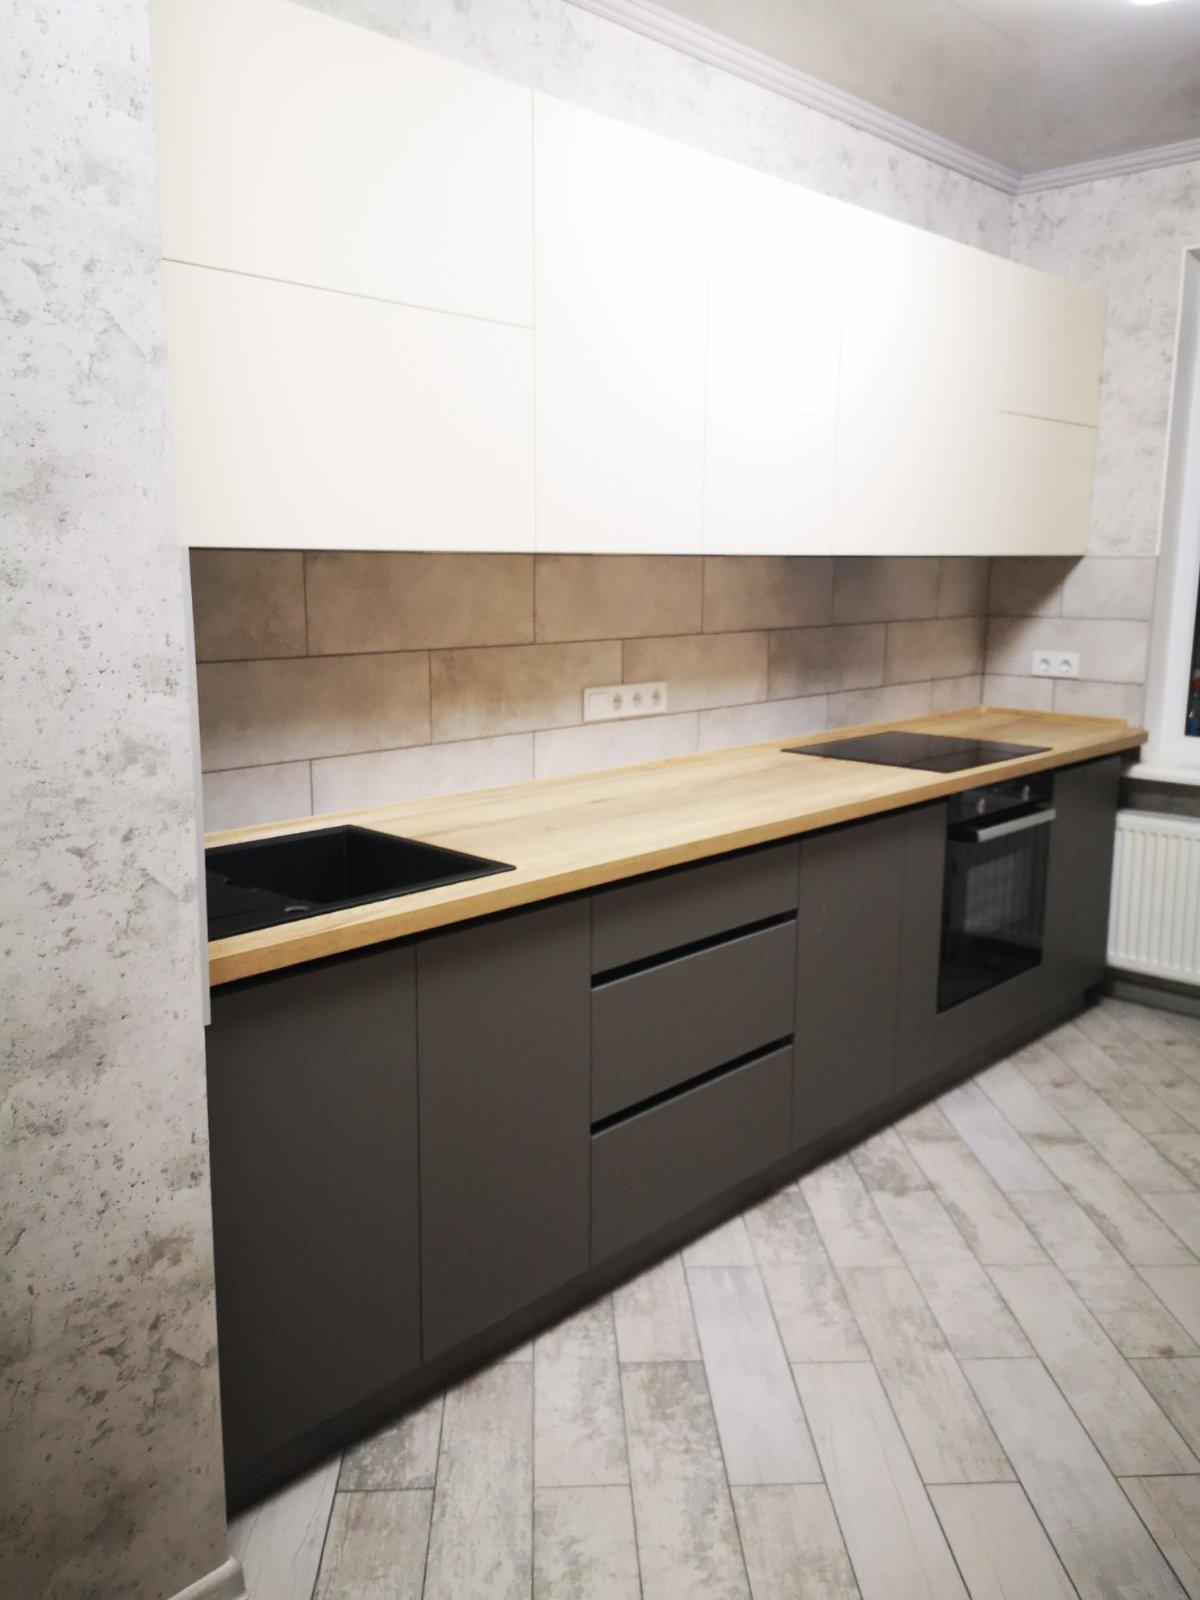 Прямая кухня без ручек минимализм